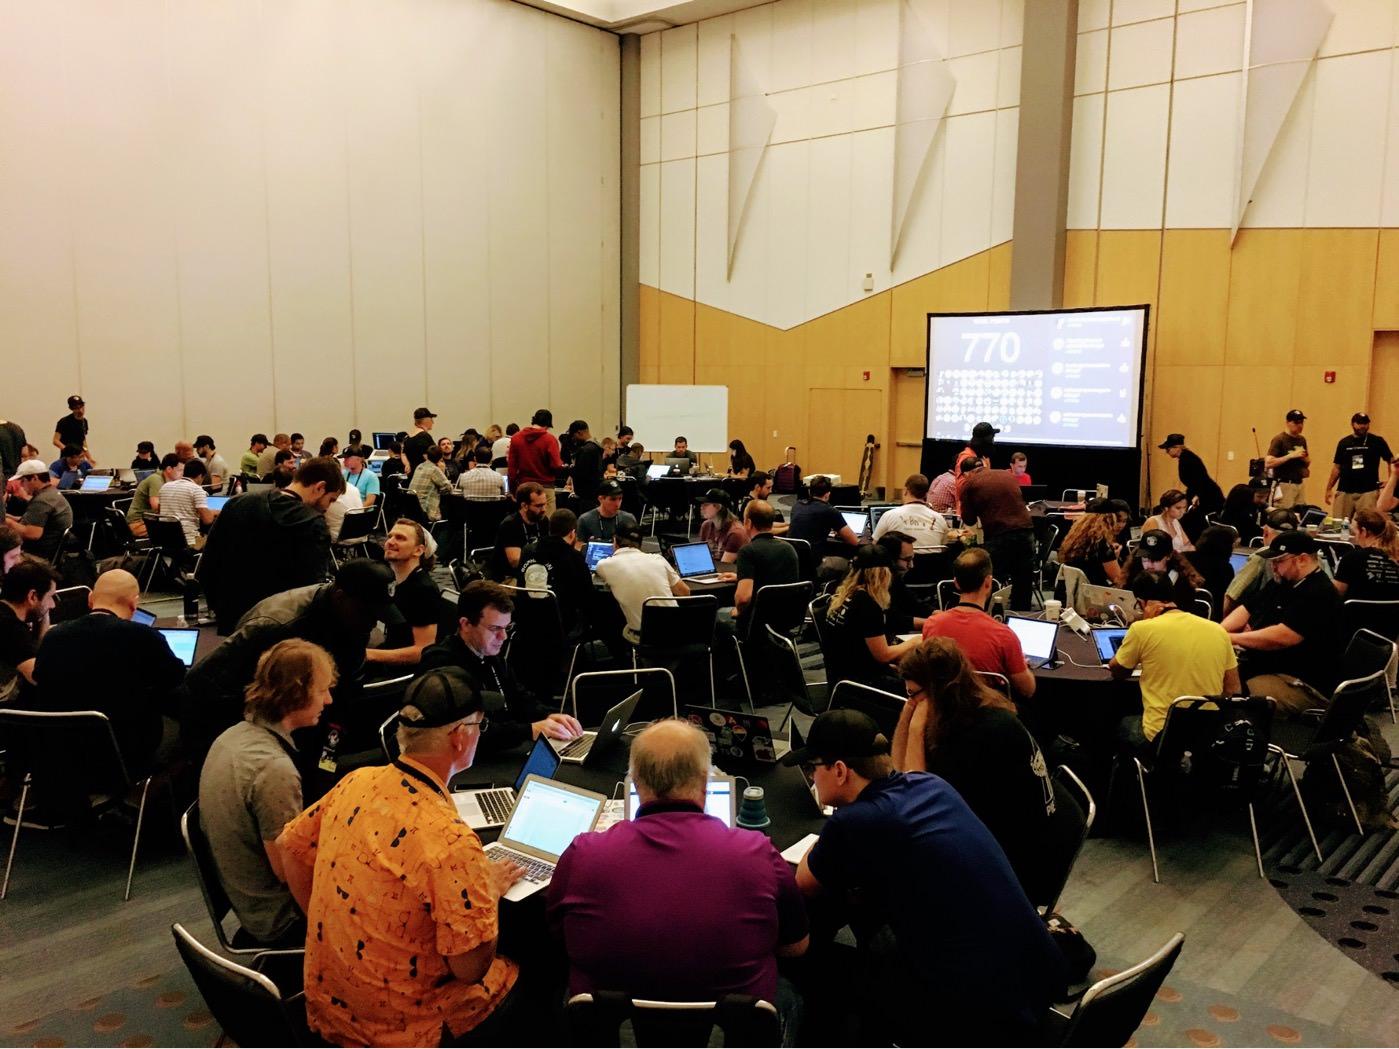 Contribution Workshop - The Go Blog - image5 - Contribution Workshop – The Go Blog